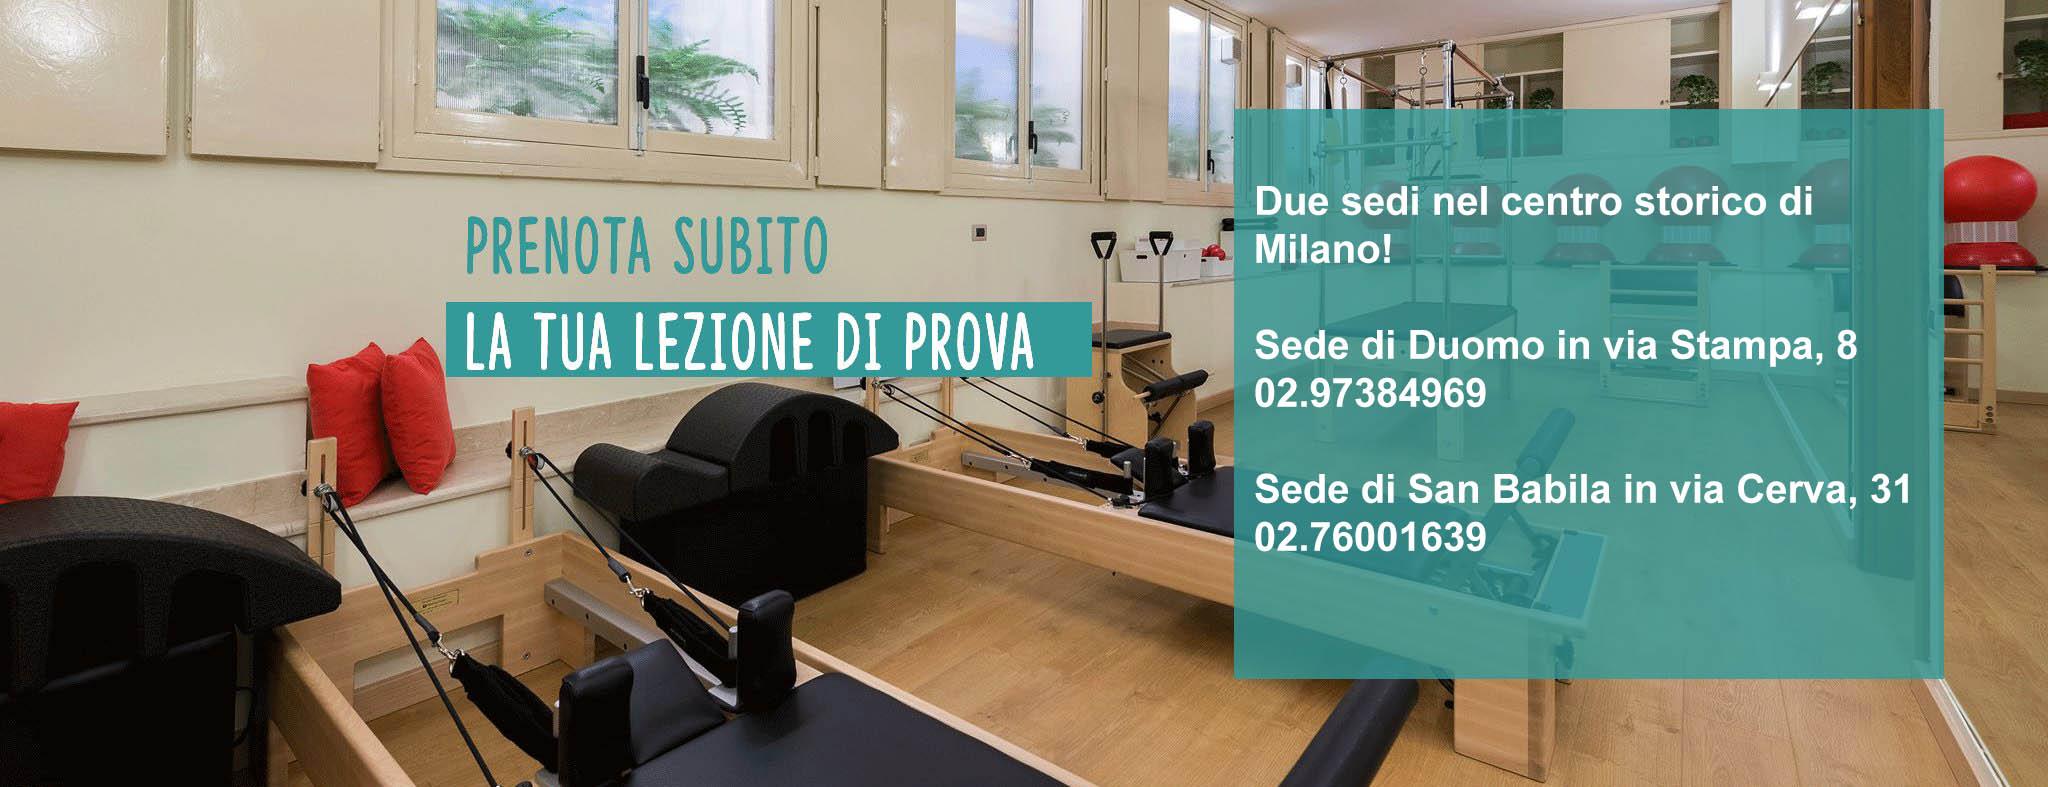 Ginnastica Posturale Selvanesco Milano - Prenota subito la tua lezione di prova